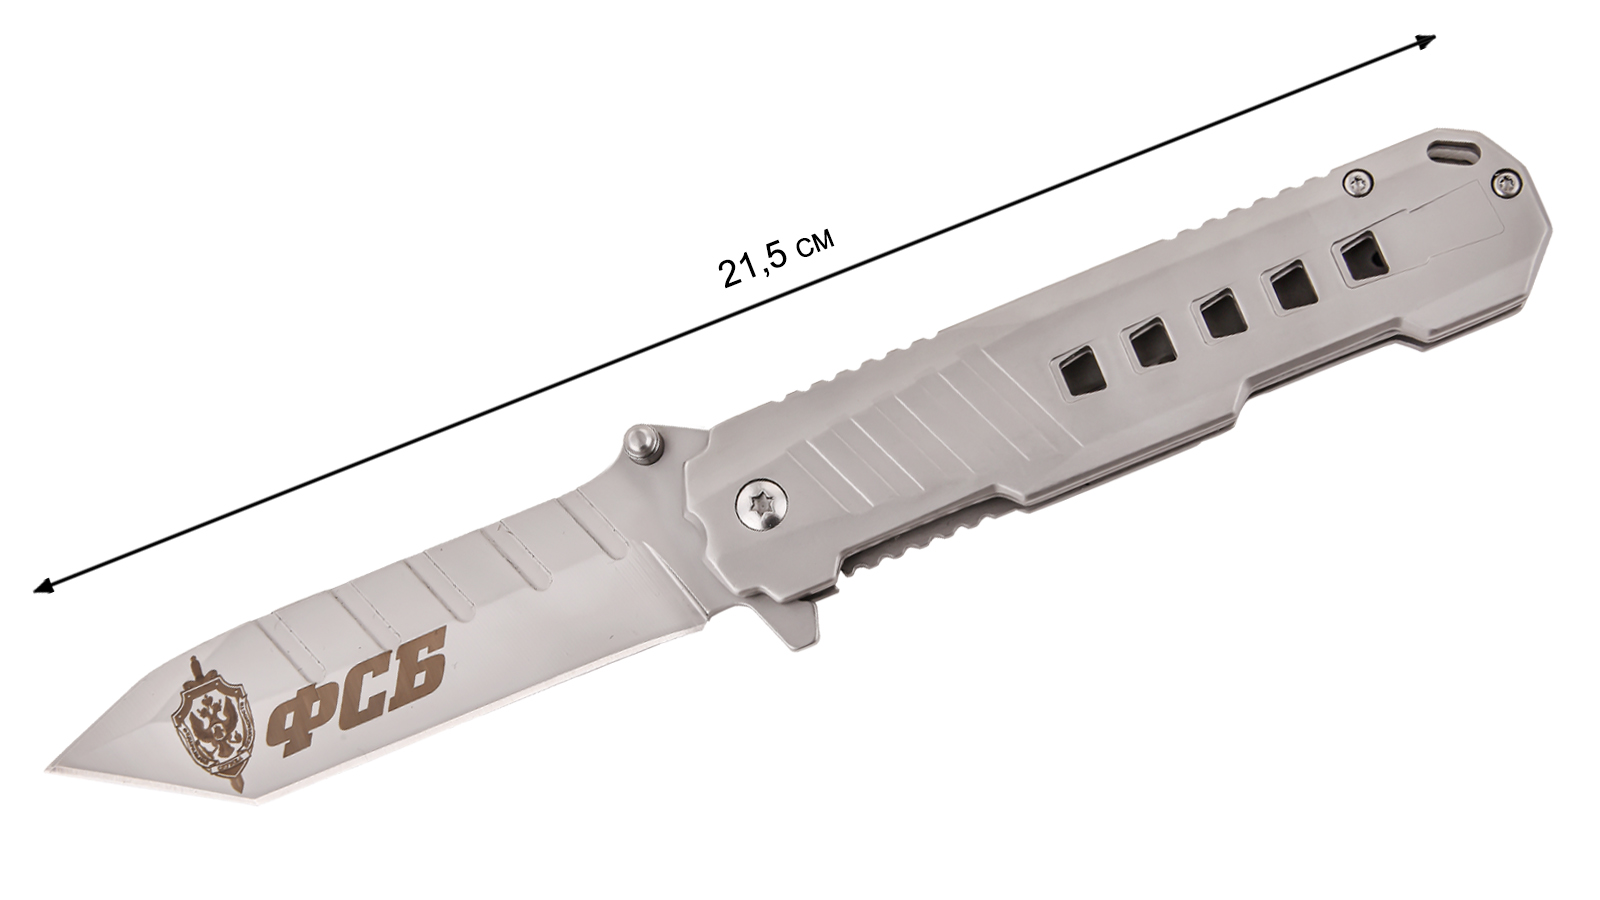 Тактический нож «ФСБ - Холодная голова, горячее сердце и чистые руки»